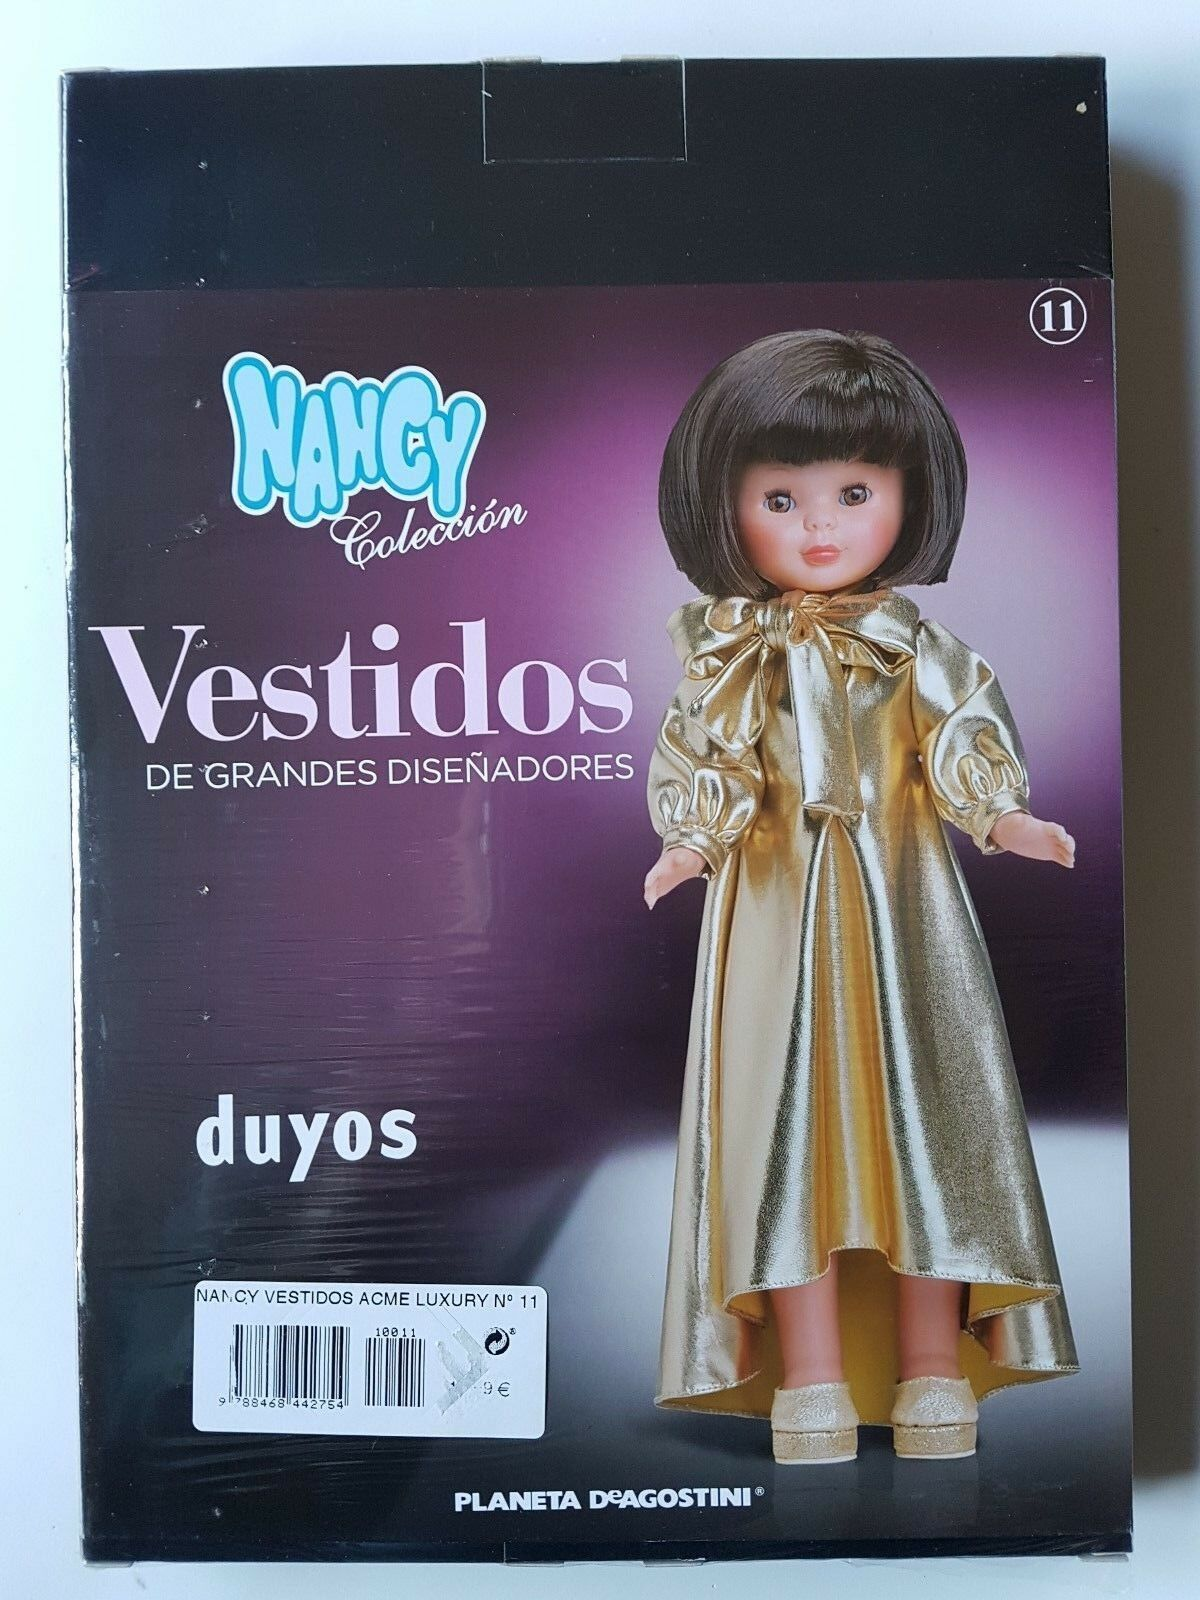 Puppen Nancy Sammlung Kleider Groß Designer Kleid Nummer Nummer Nummer   N° 11, Duyos bf65a5